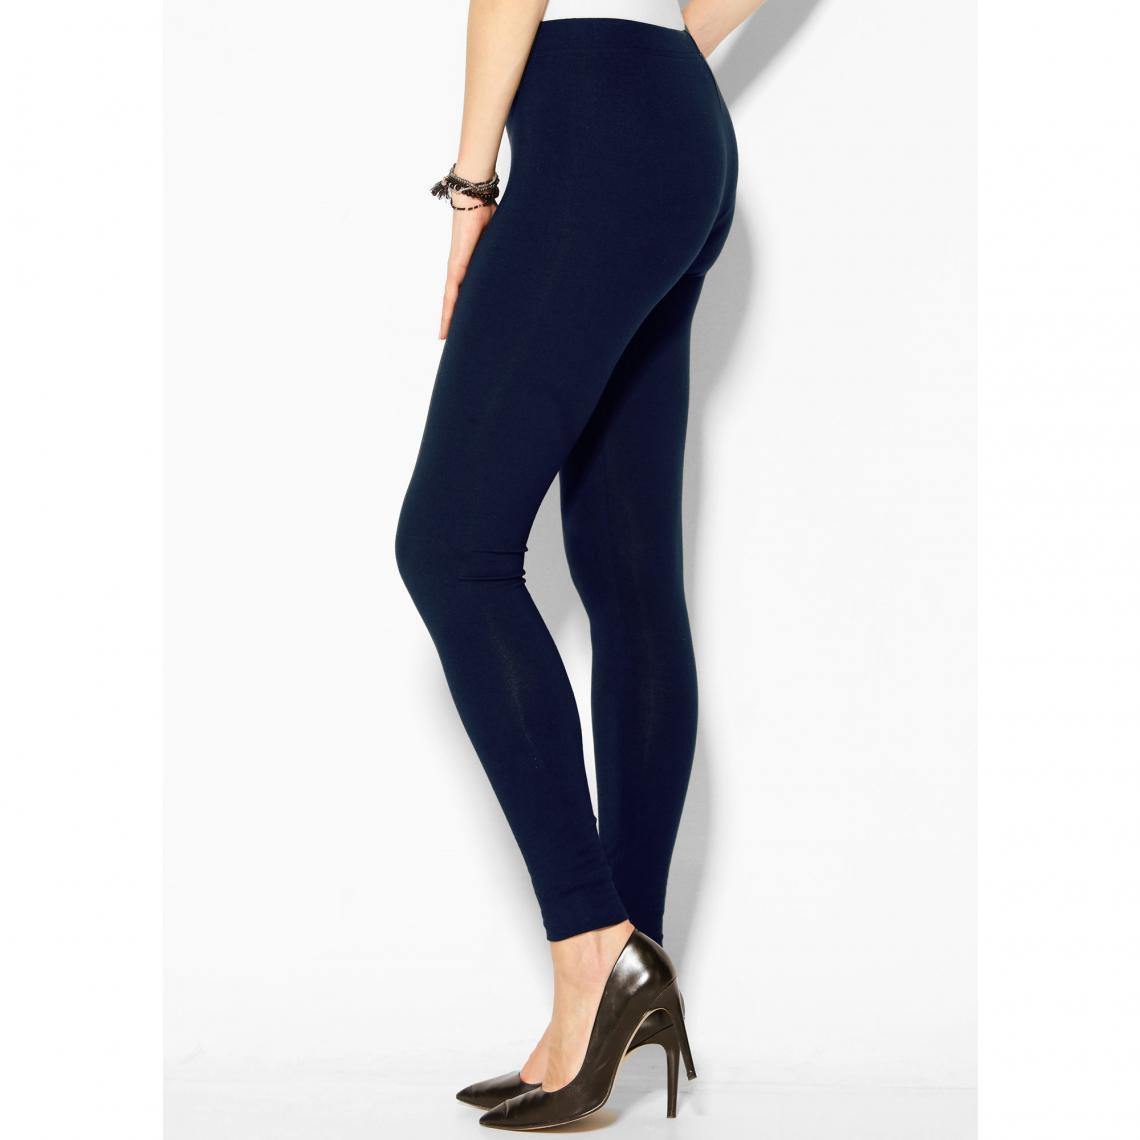 Legging : Un legging exceptionnel sur soi ?